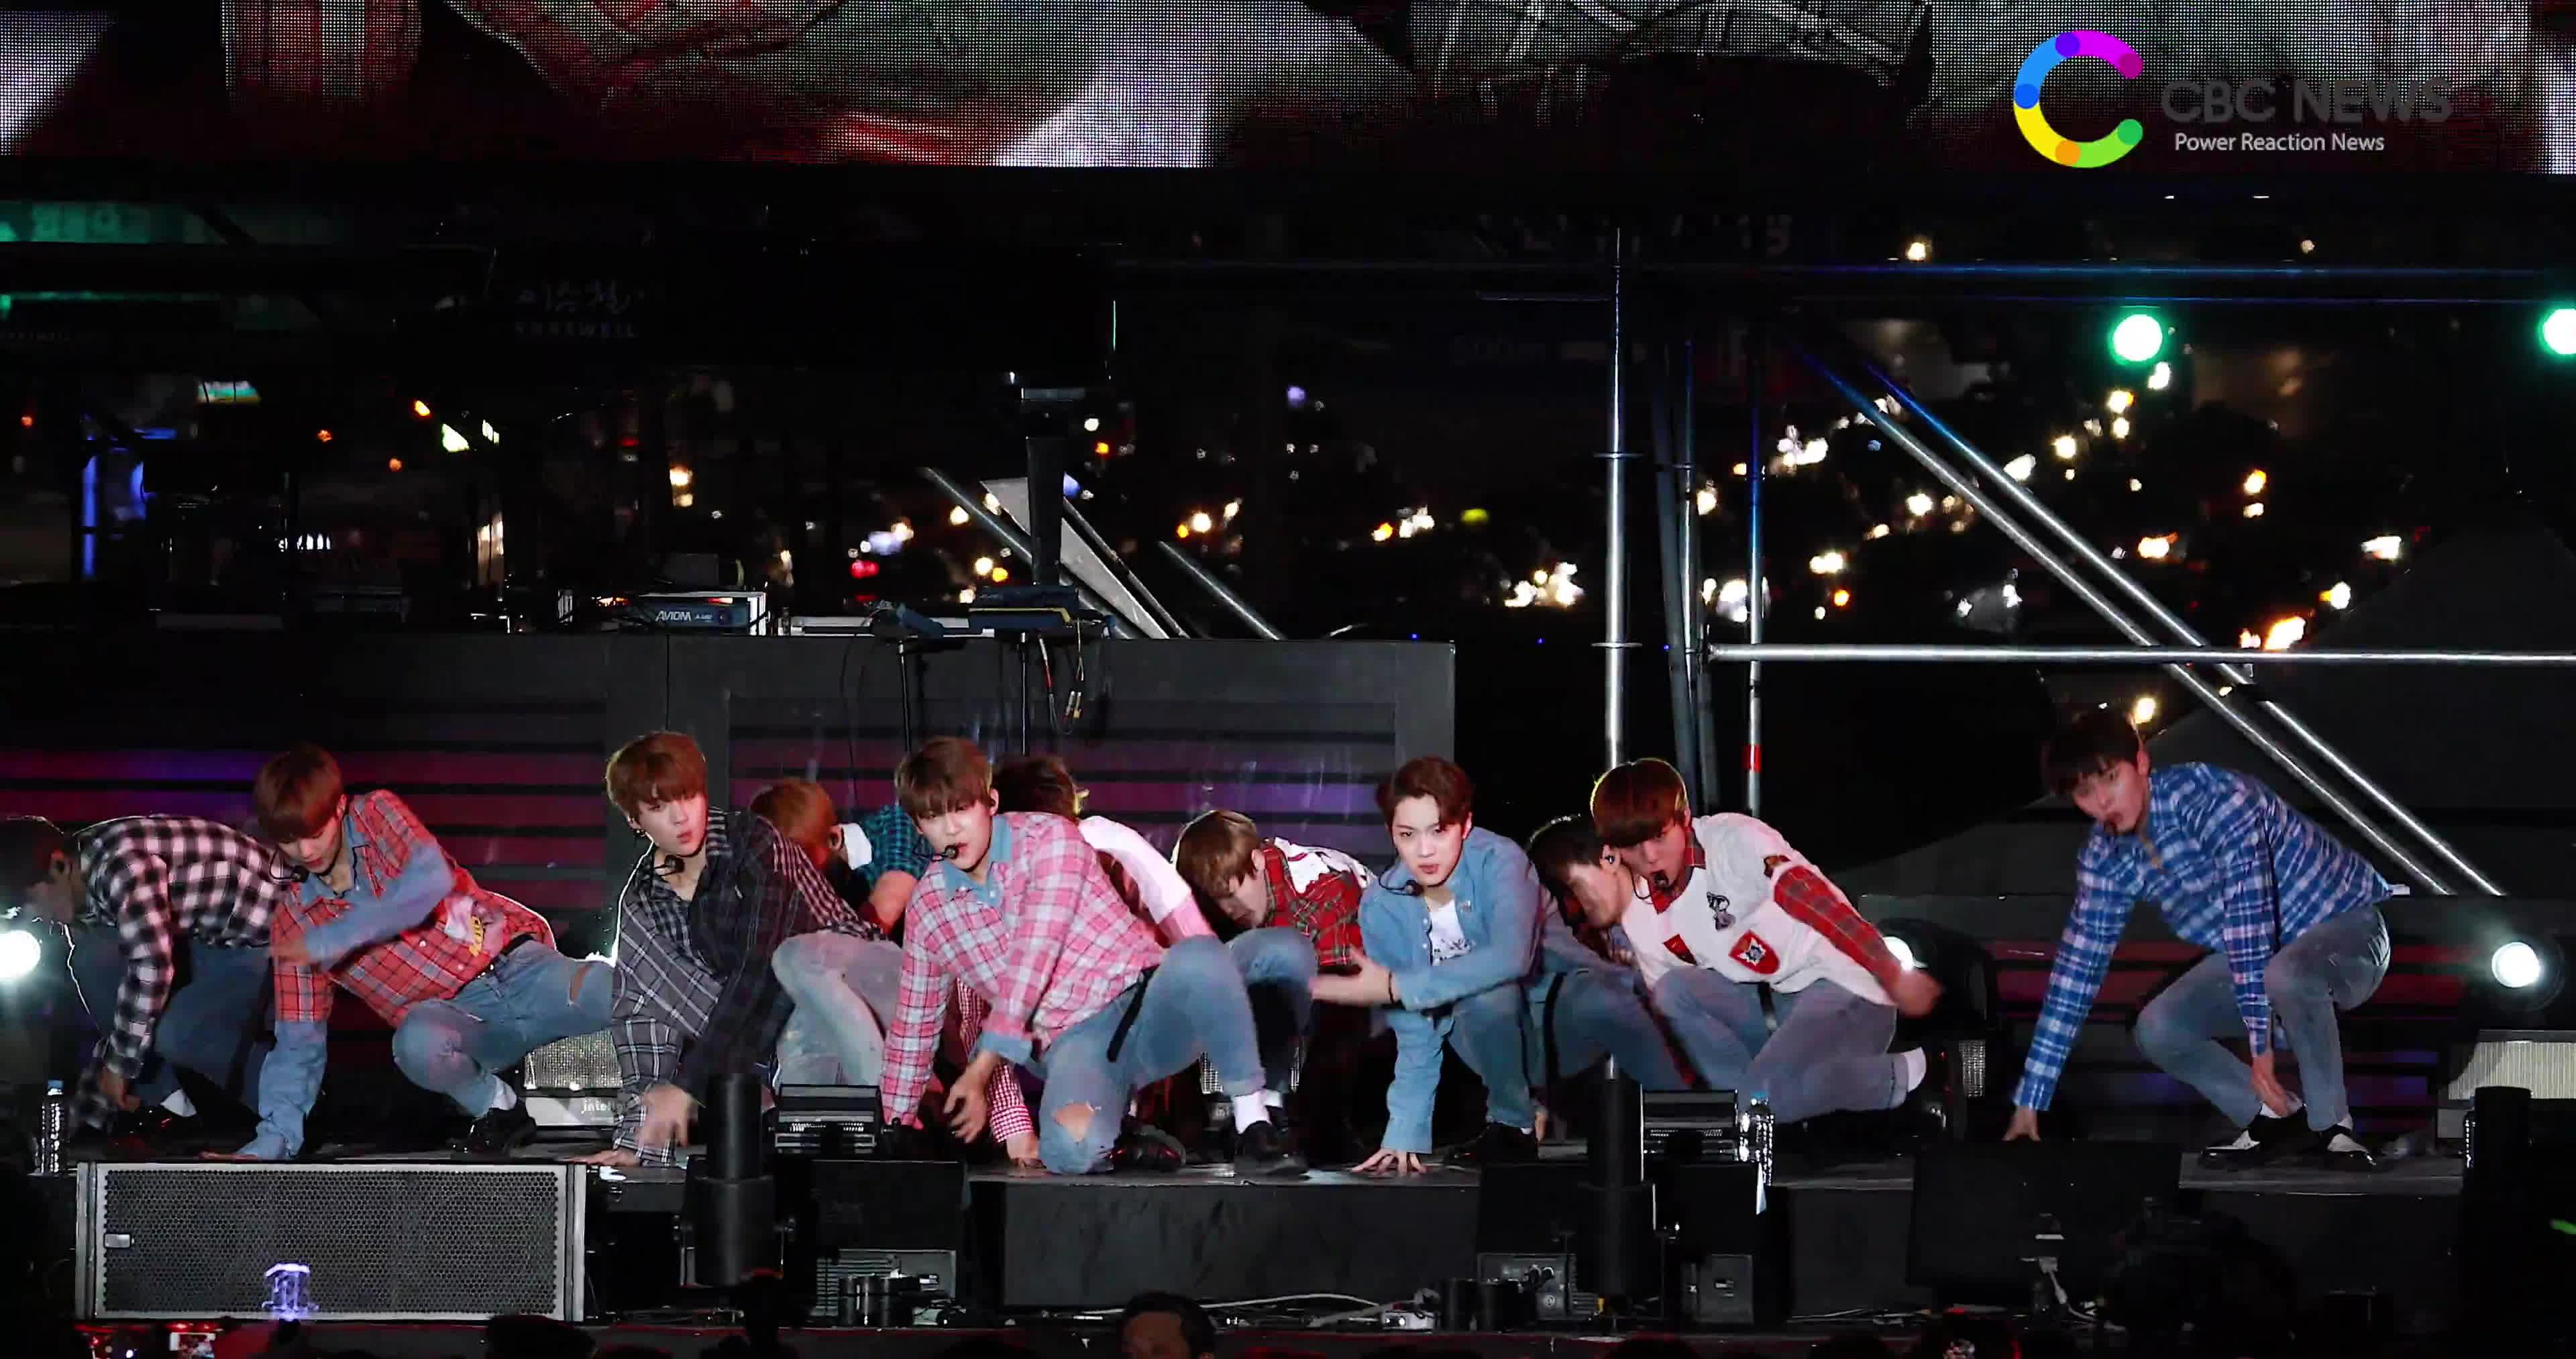 Dở khóc dở cười với sân khấu như trượt patin của Wanna One dưới trời mưa